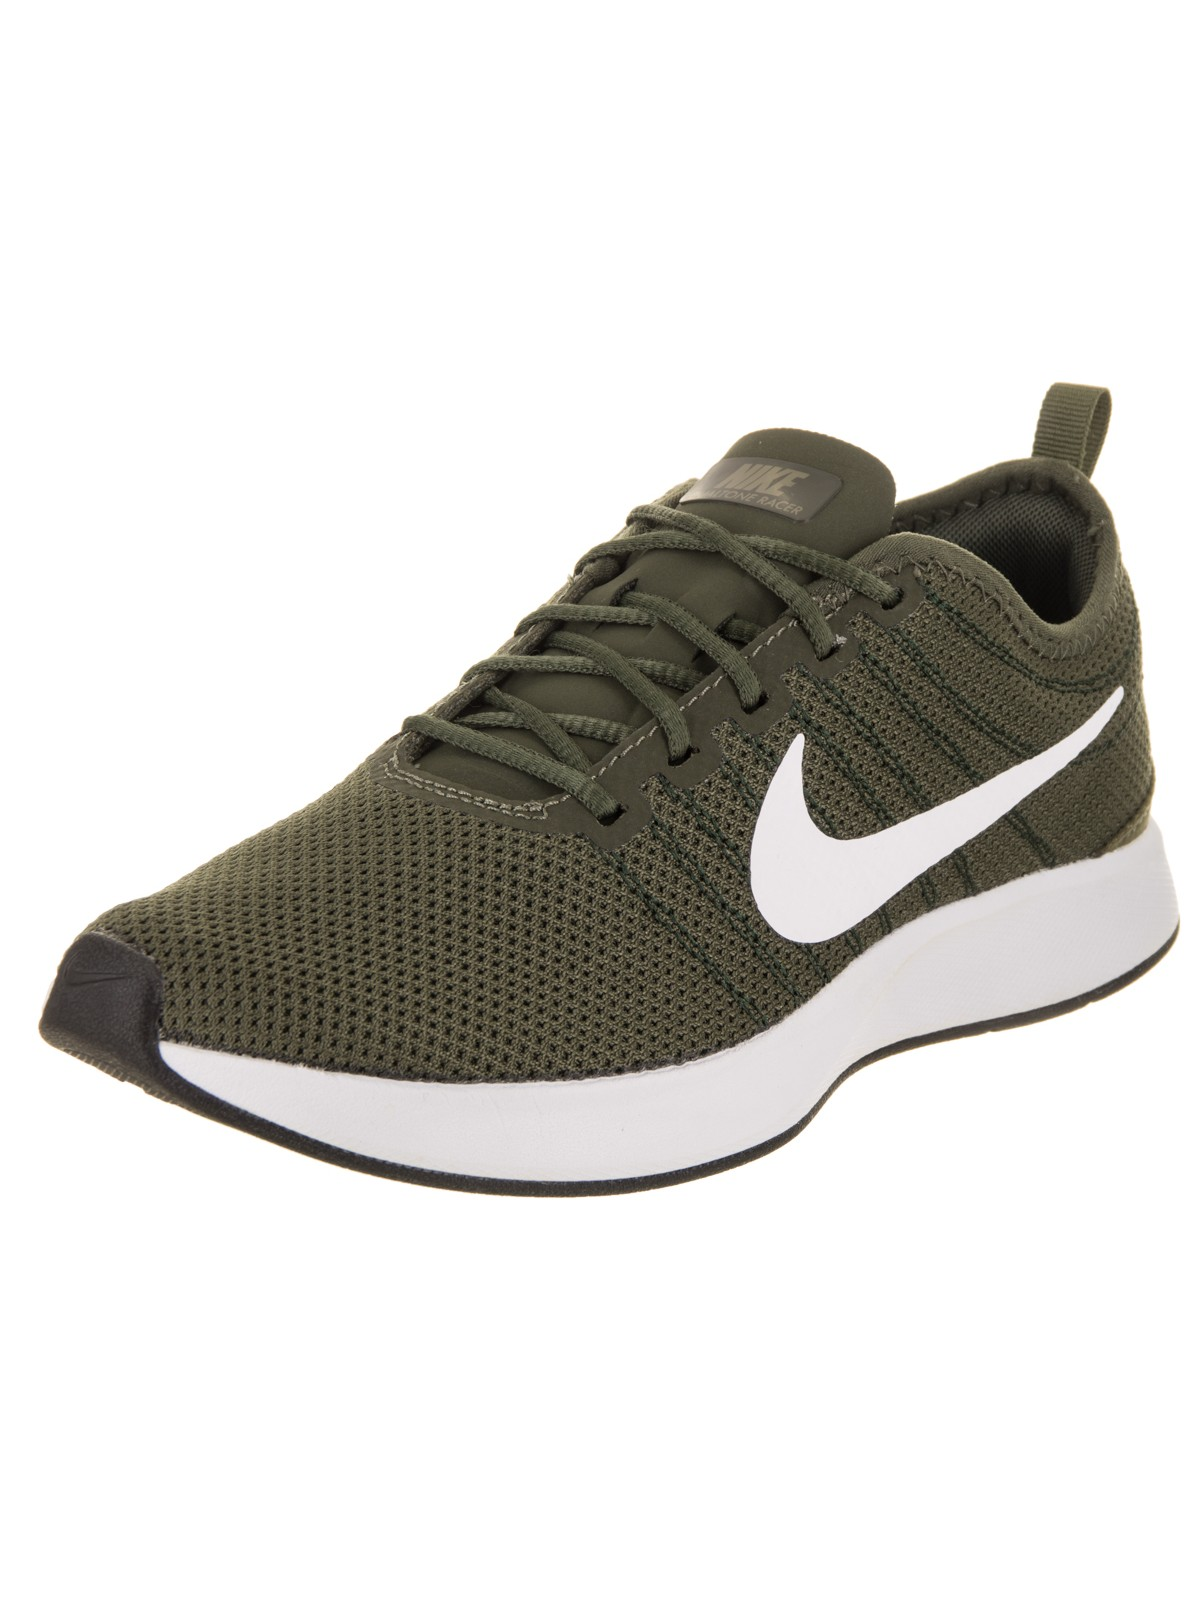 Man/Woman-Nike Women's boutique Dualtone Racer Running Shoe-precious boutique Women's 2ba0b0